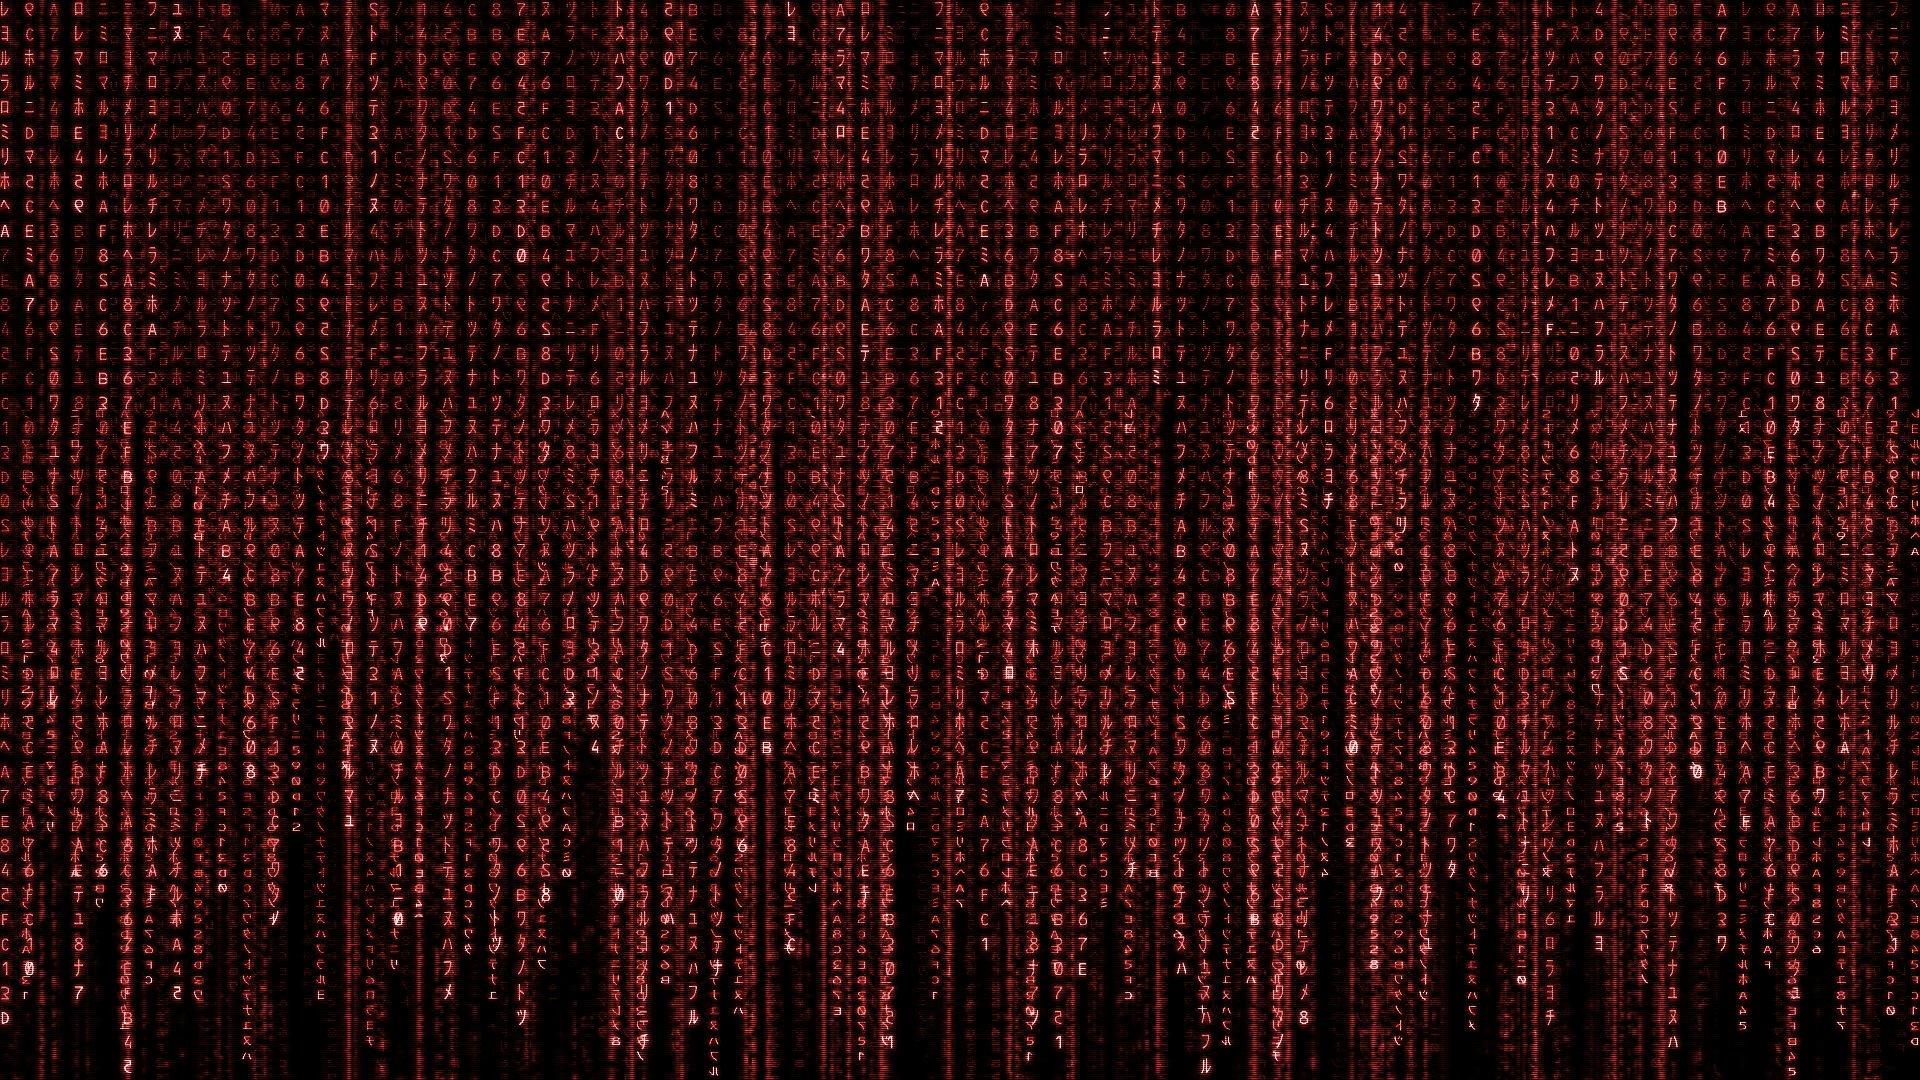 Matrix code wallpaper 1920x1080 337941 WallpaperUP 1920x1080